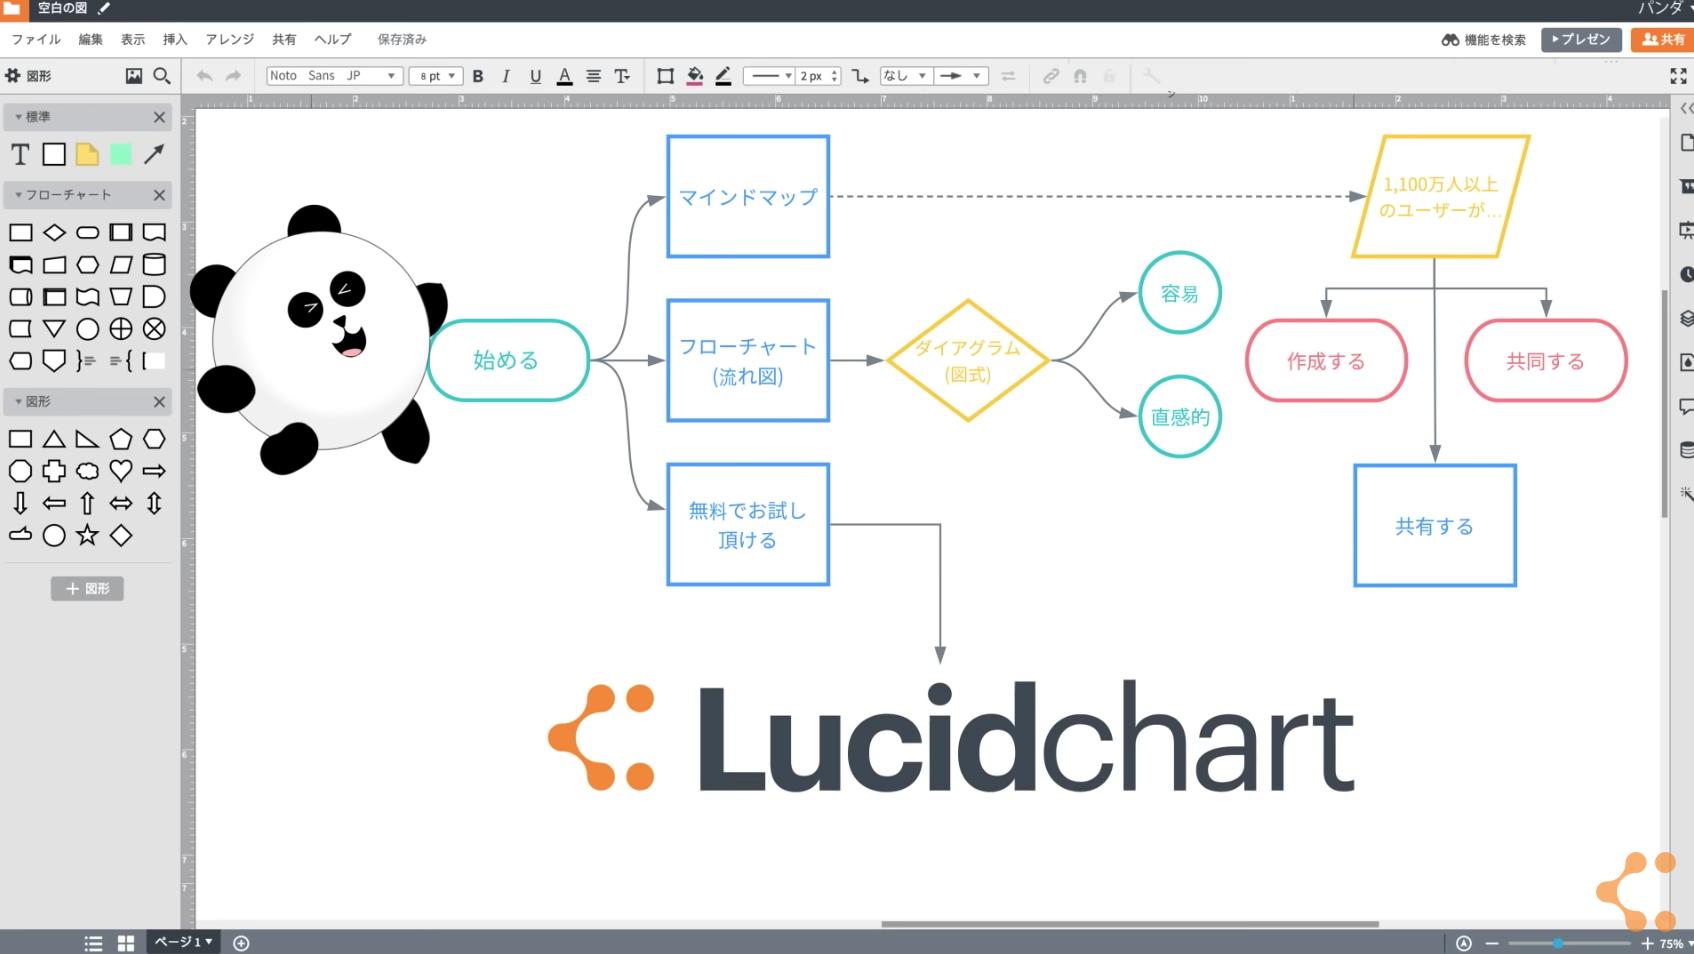 ビジネスプロセスモデリングでの Lucidchart の活用